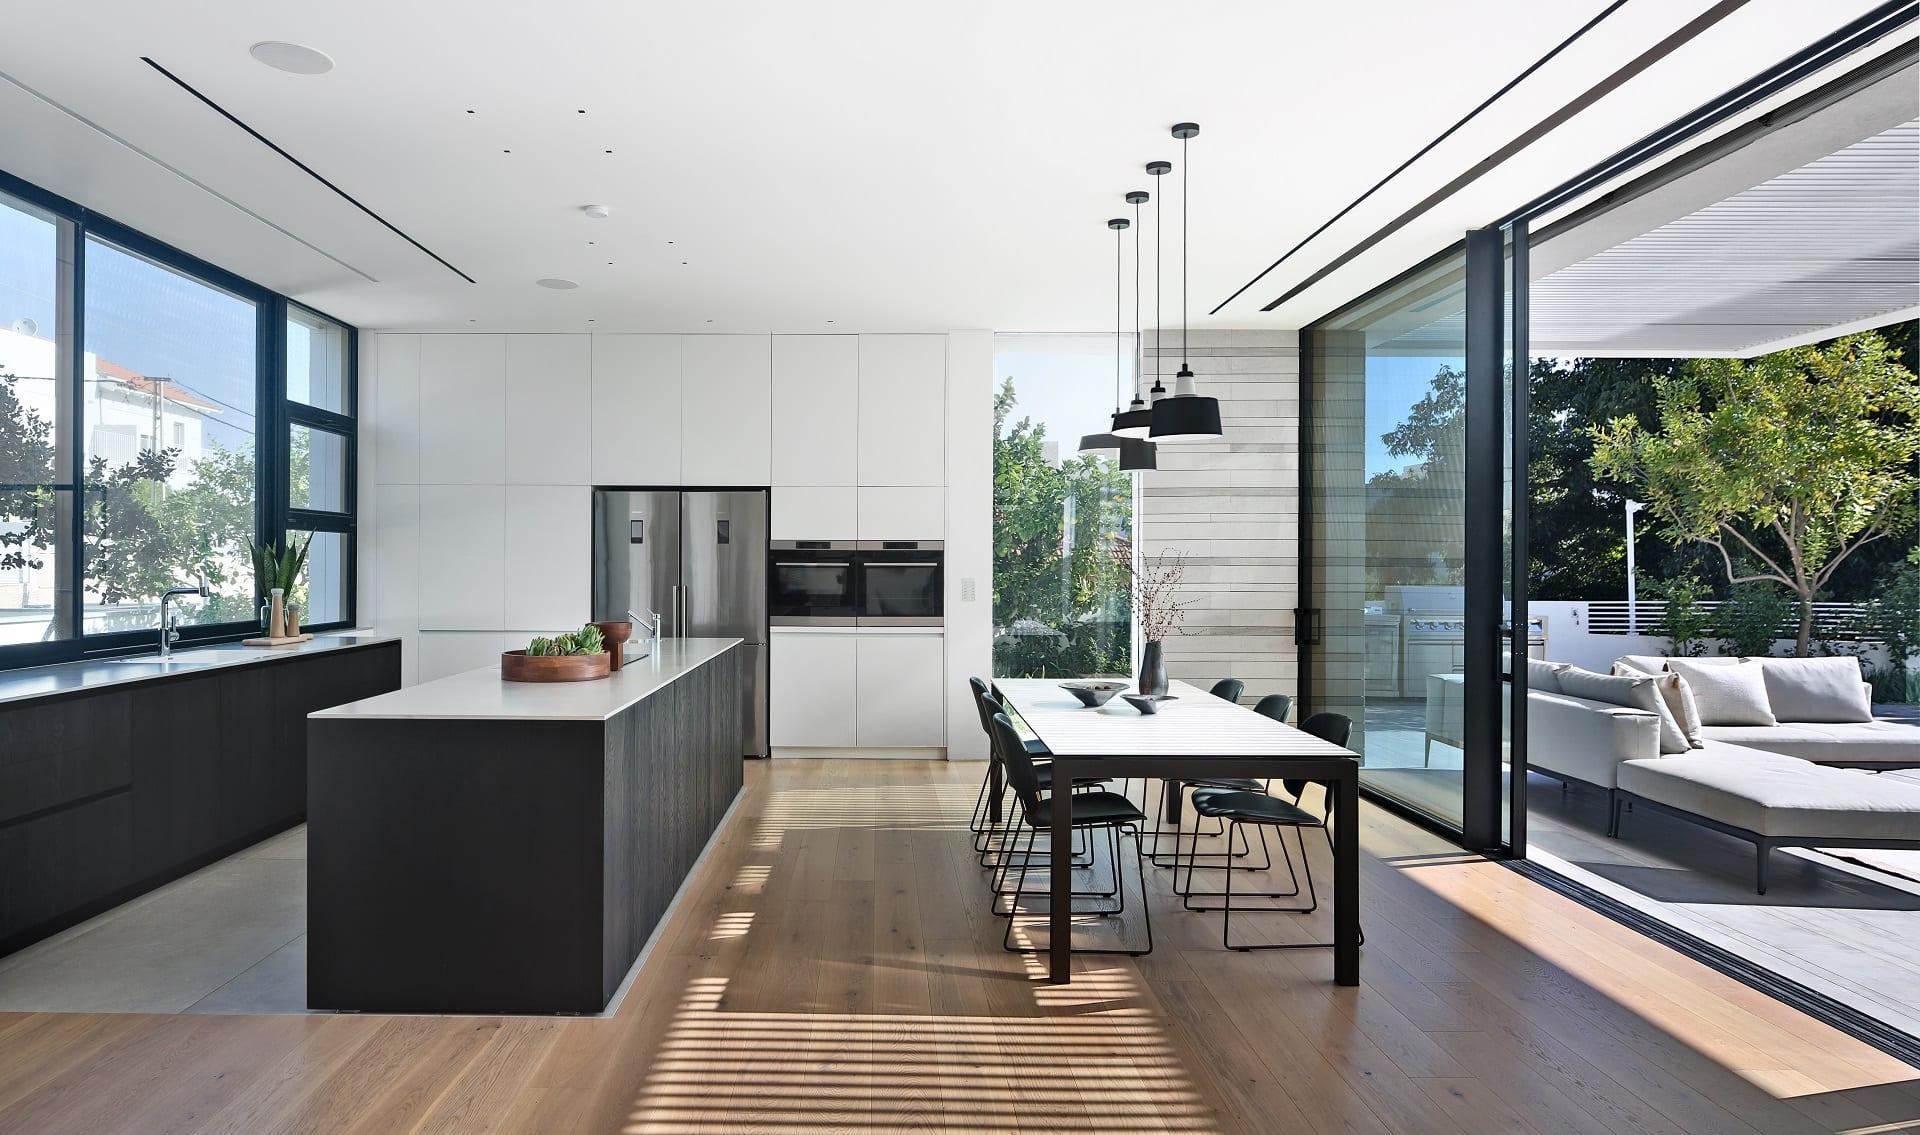 מטבח מודרני שחור לבן עם ארונות גבוהים